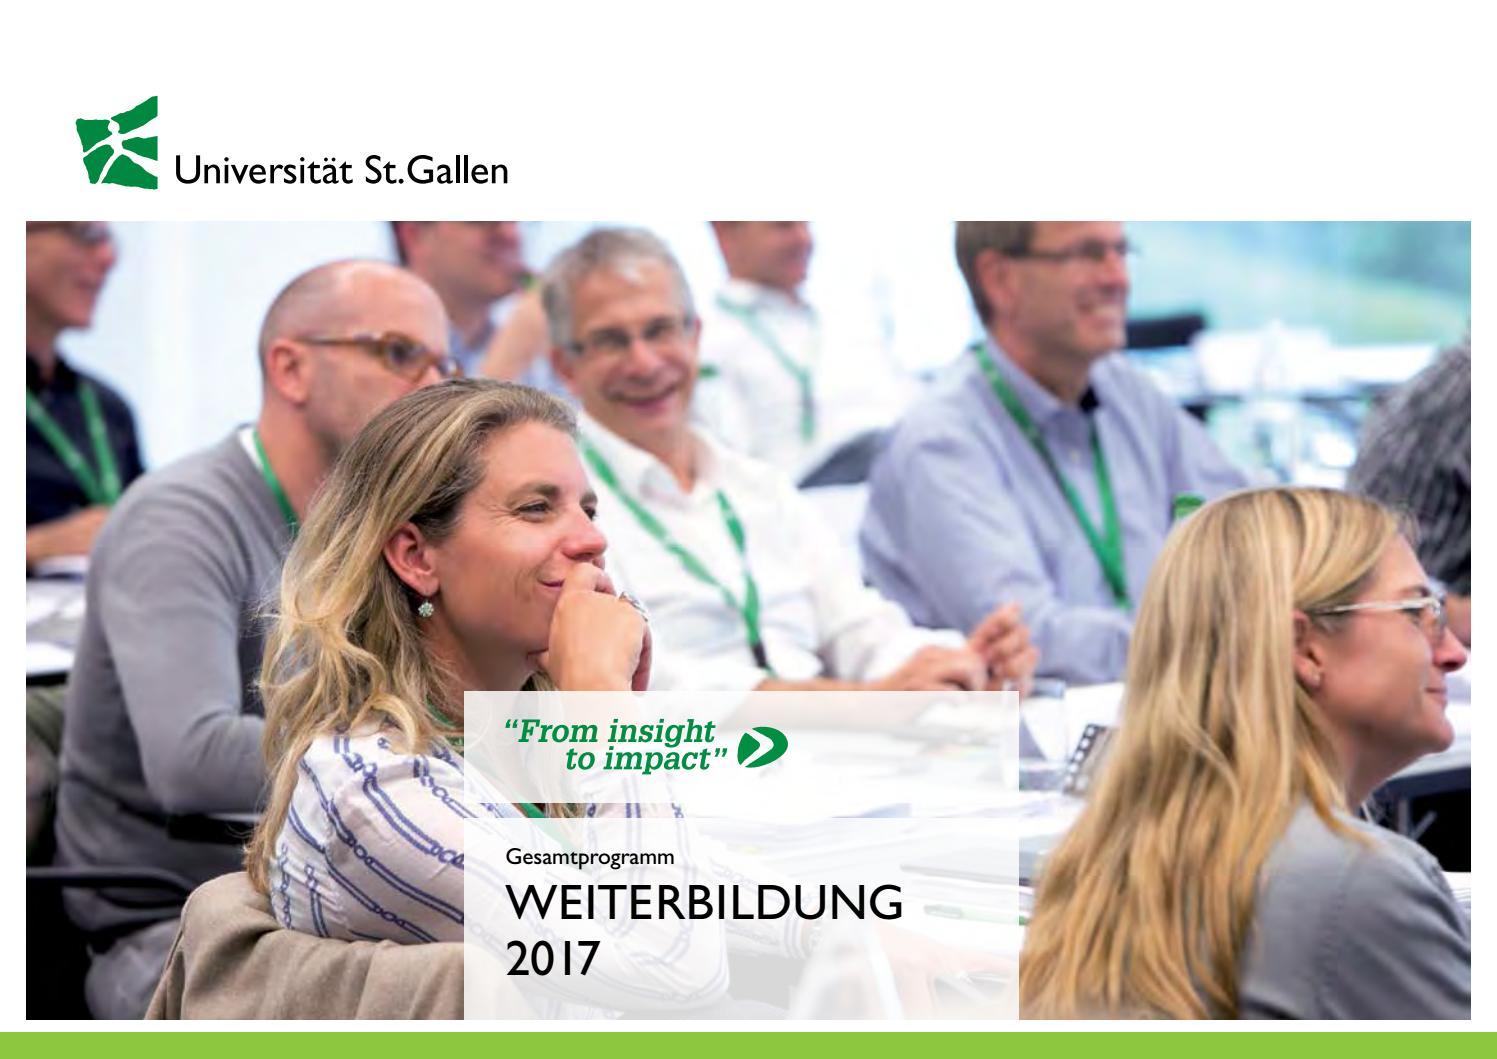 Gesamtprogramm Weiterbildung Universität St.Gallen 2017 by Executive ...